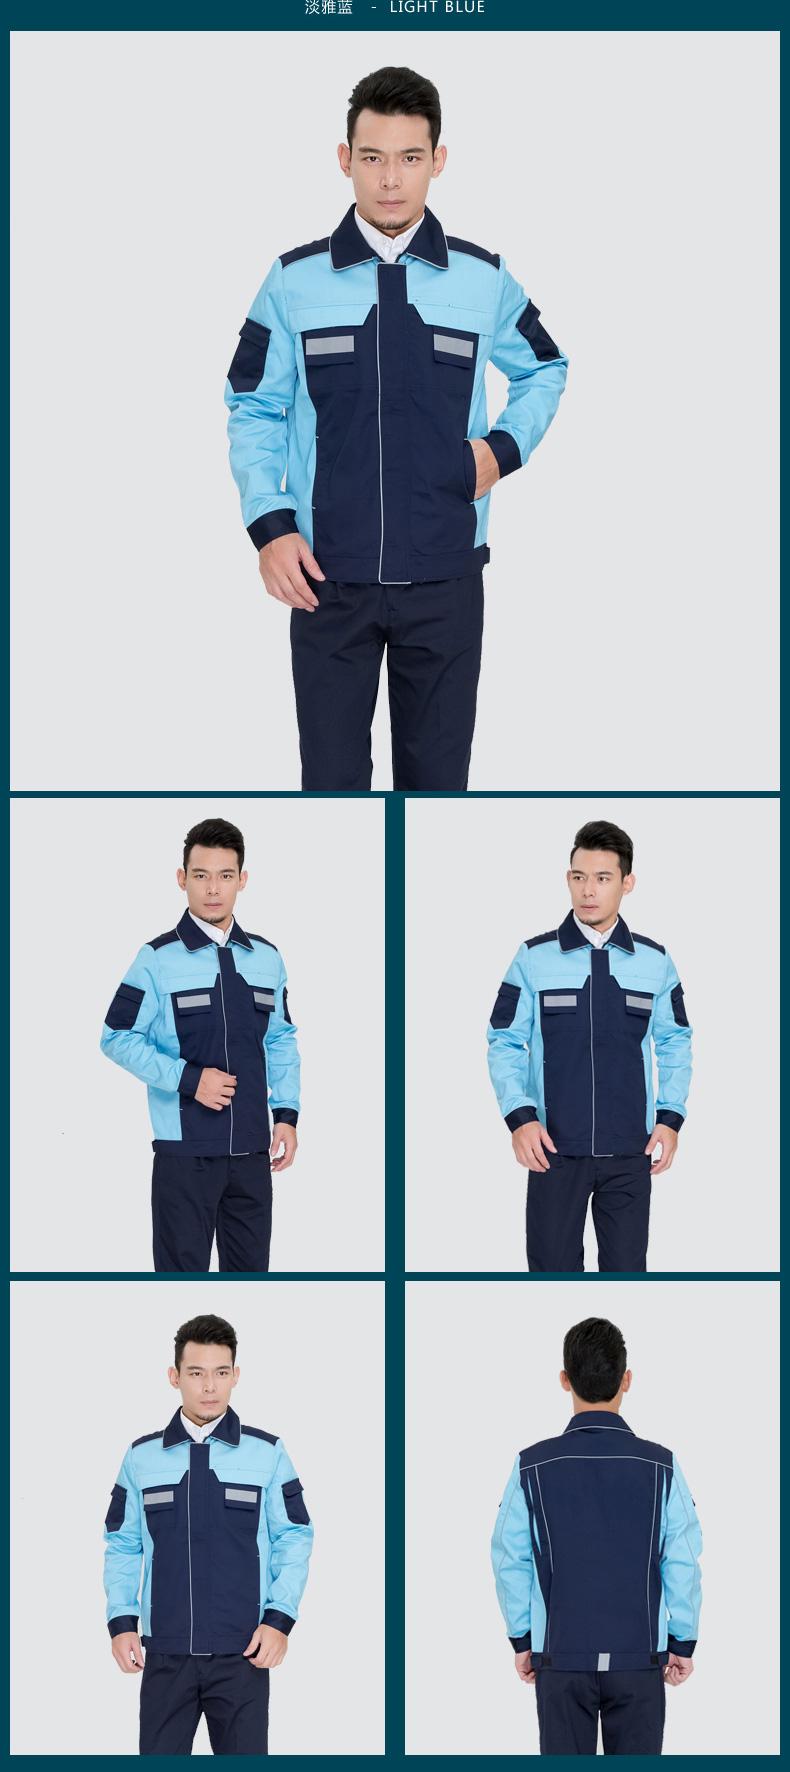 浅蓝色防静电工作服